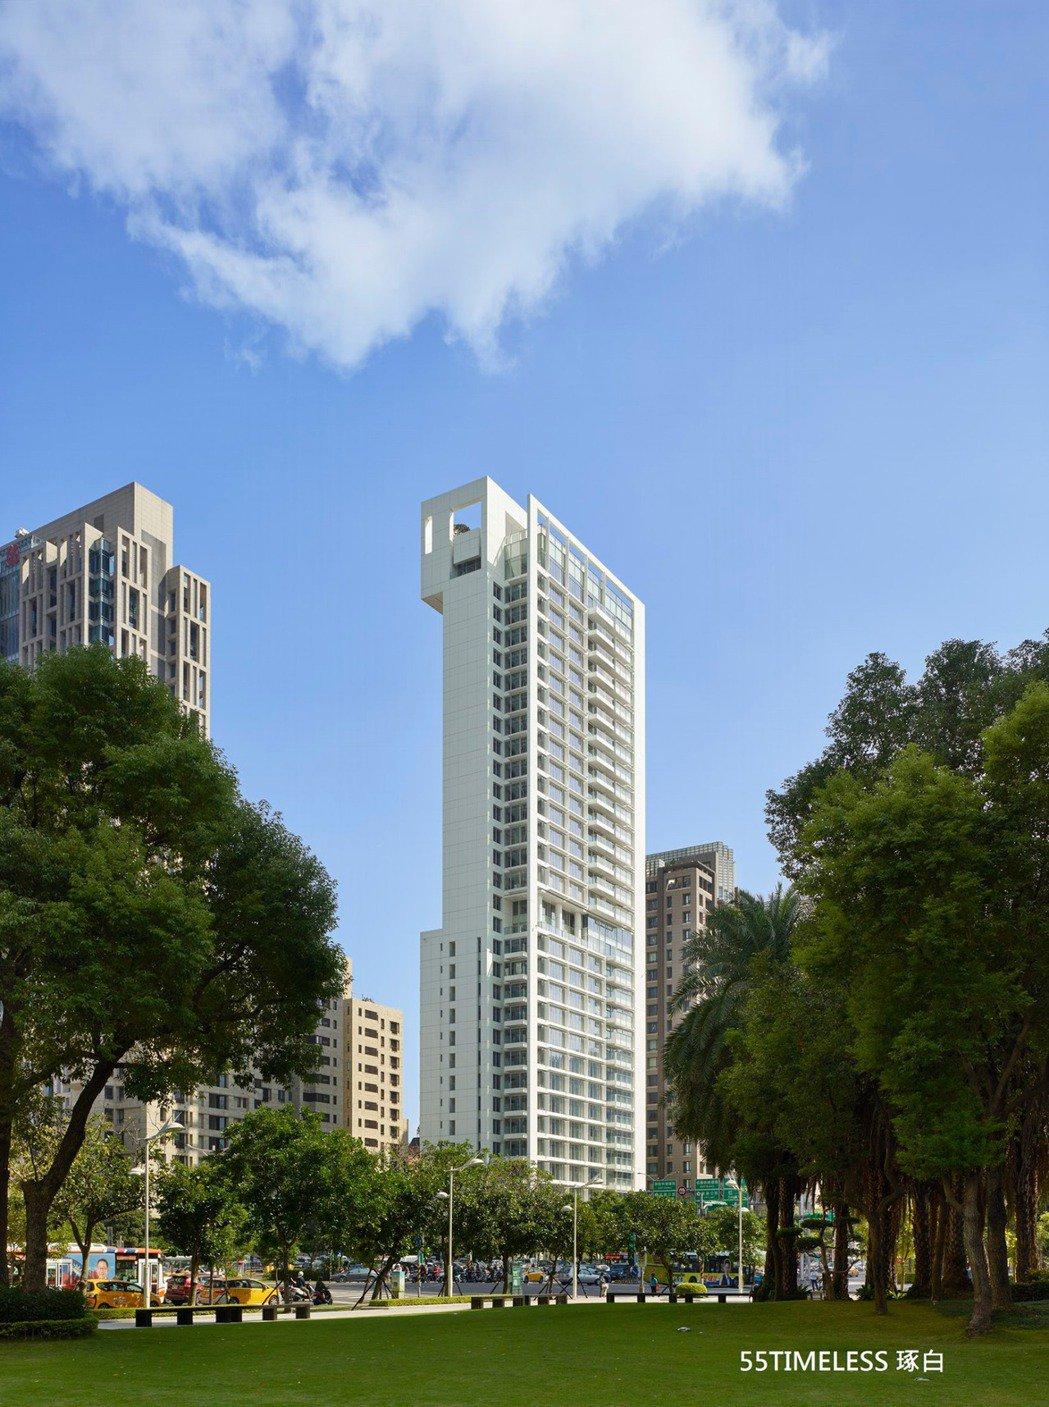 台北信義計畫區31層高的「55 Timeless琢白」是普立茲克建築獎得主、紐約...